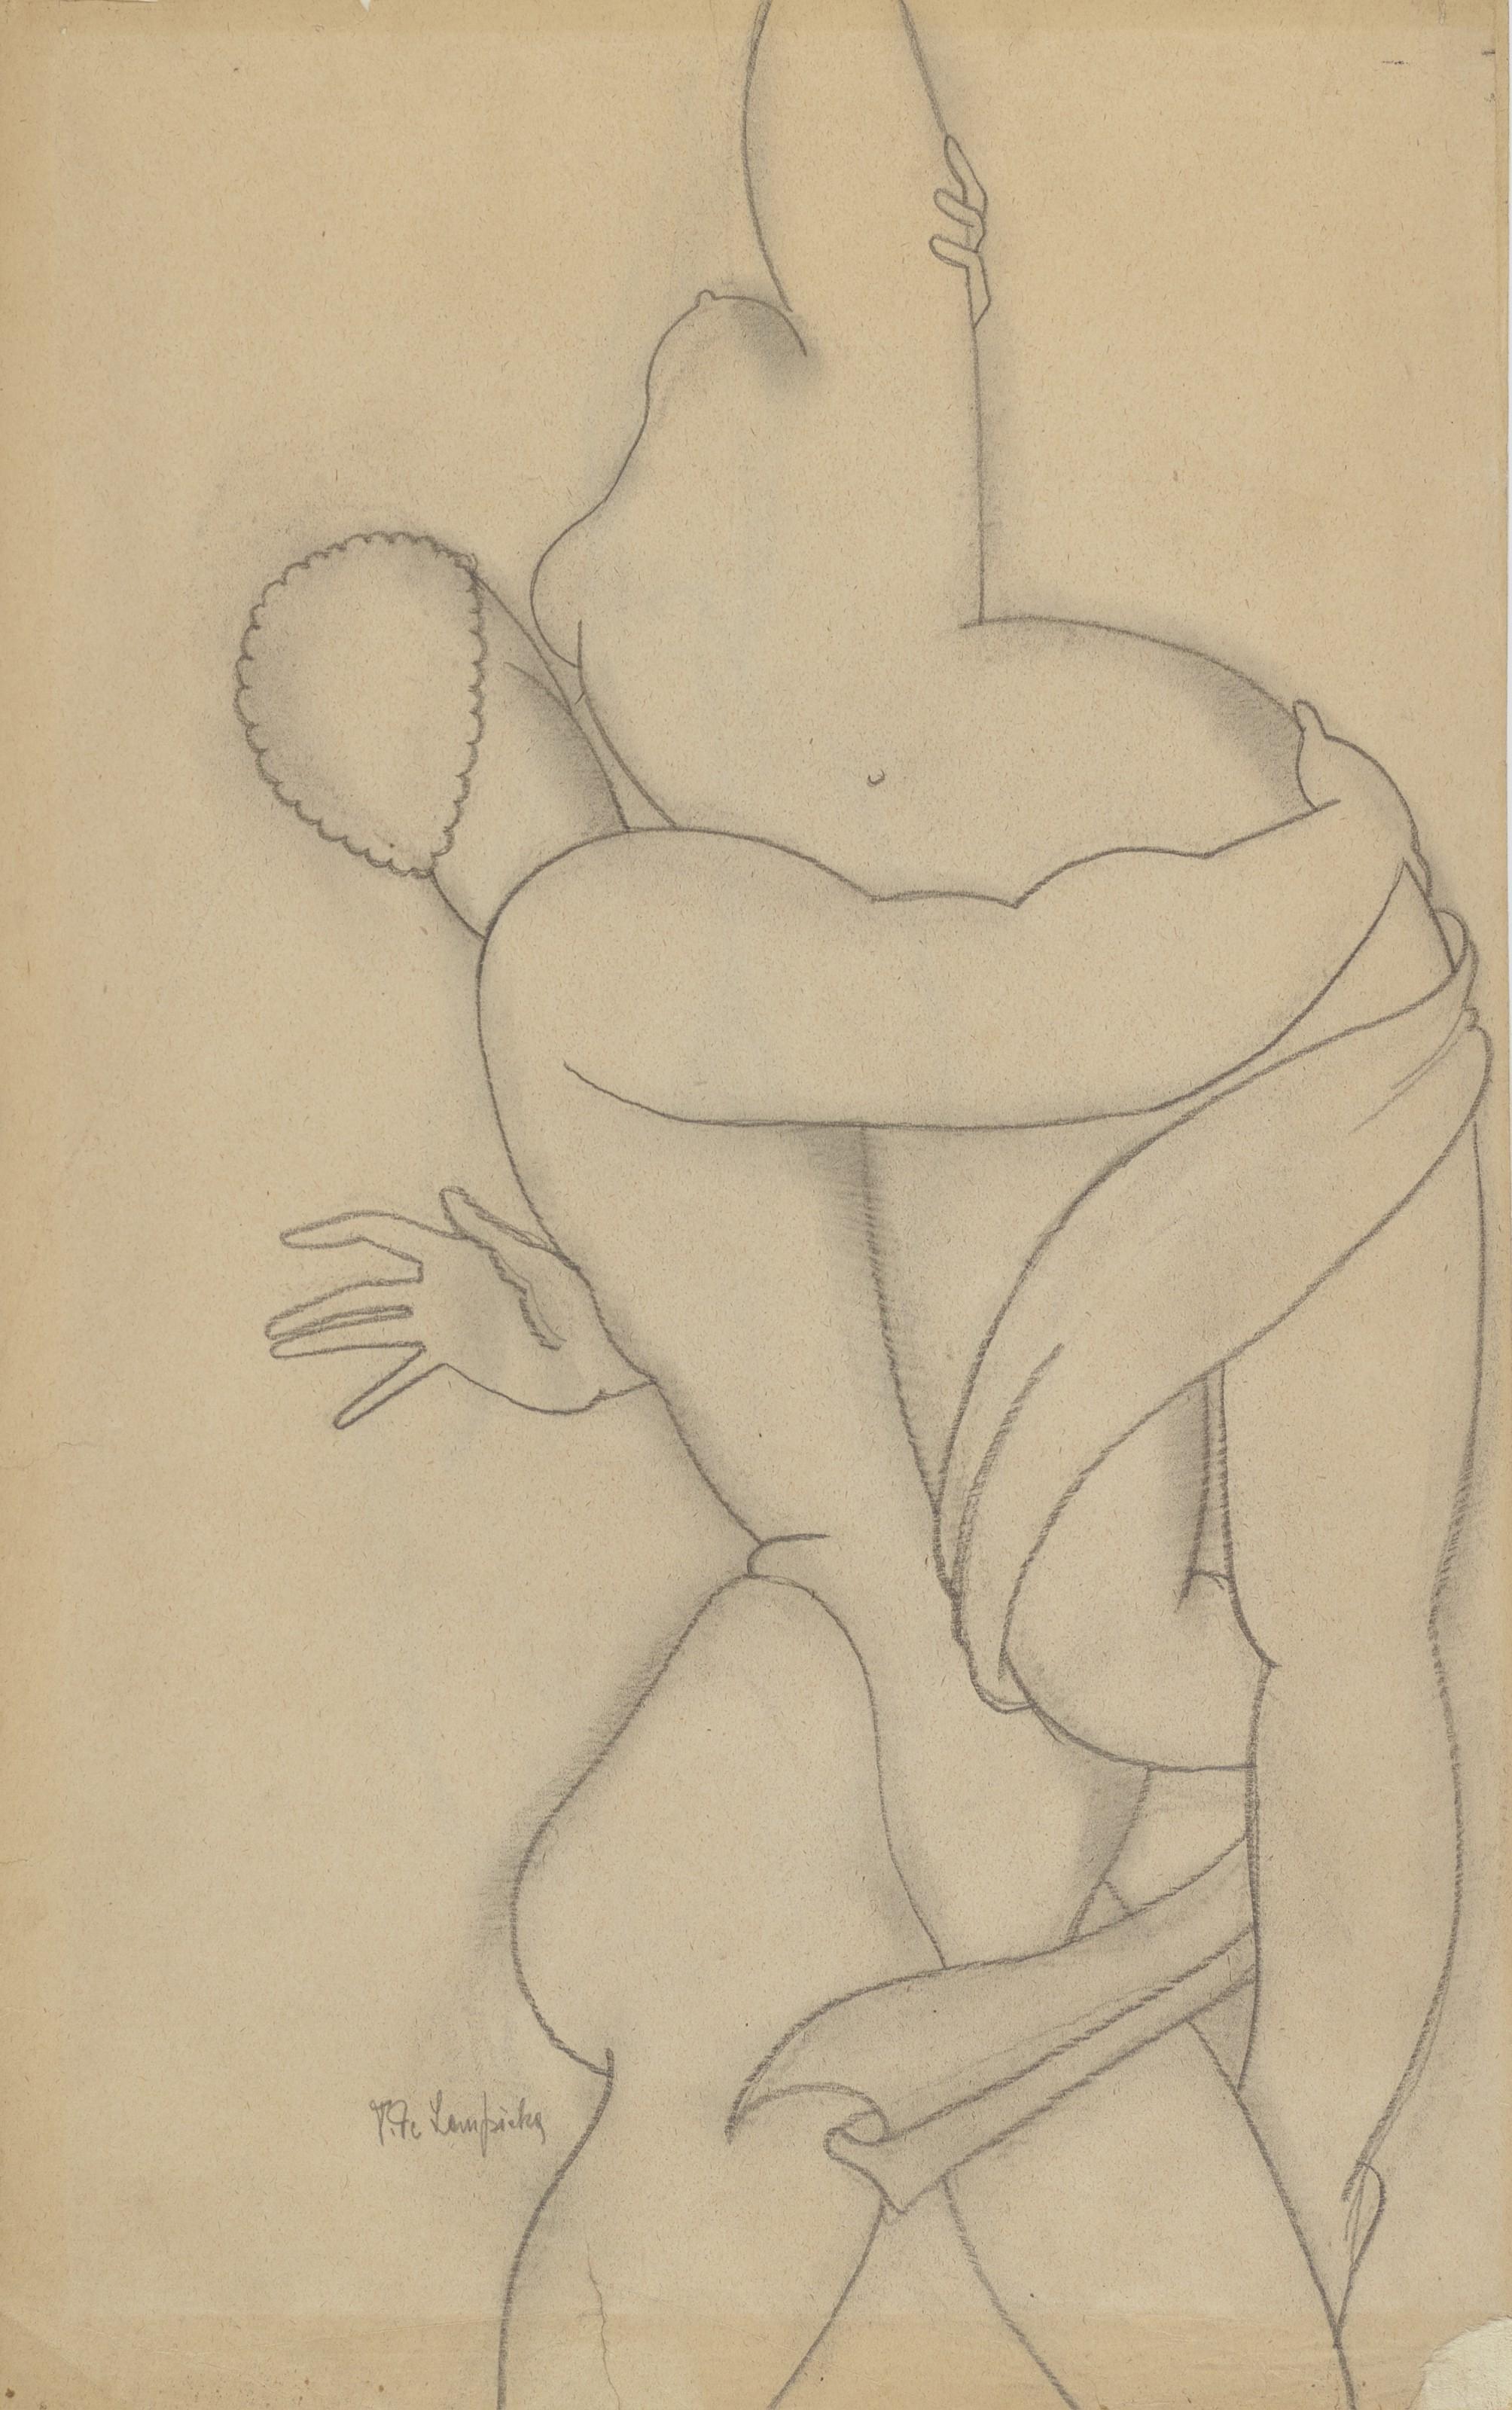 Tamara de Lempicka (Varsovie 1898-1980 Cuernavaca)